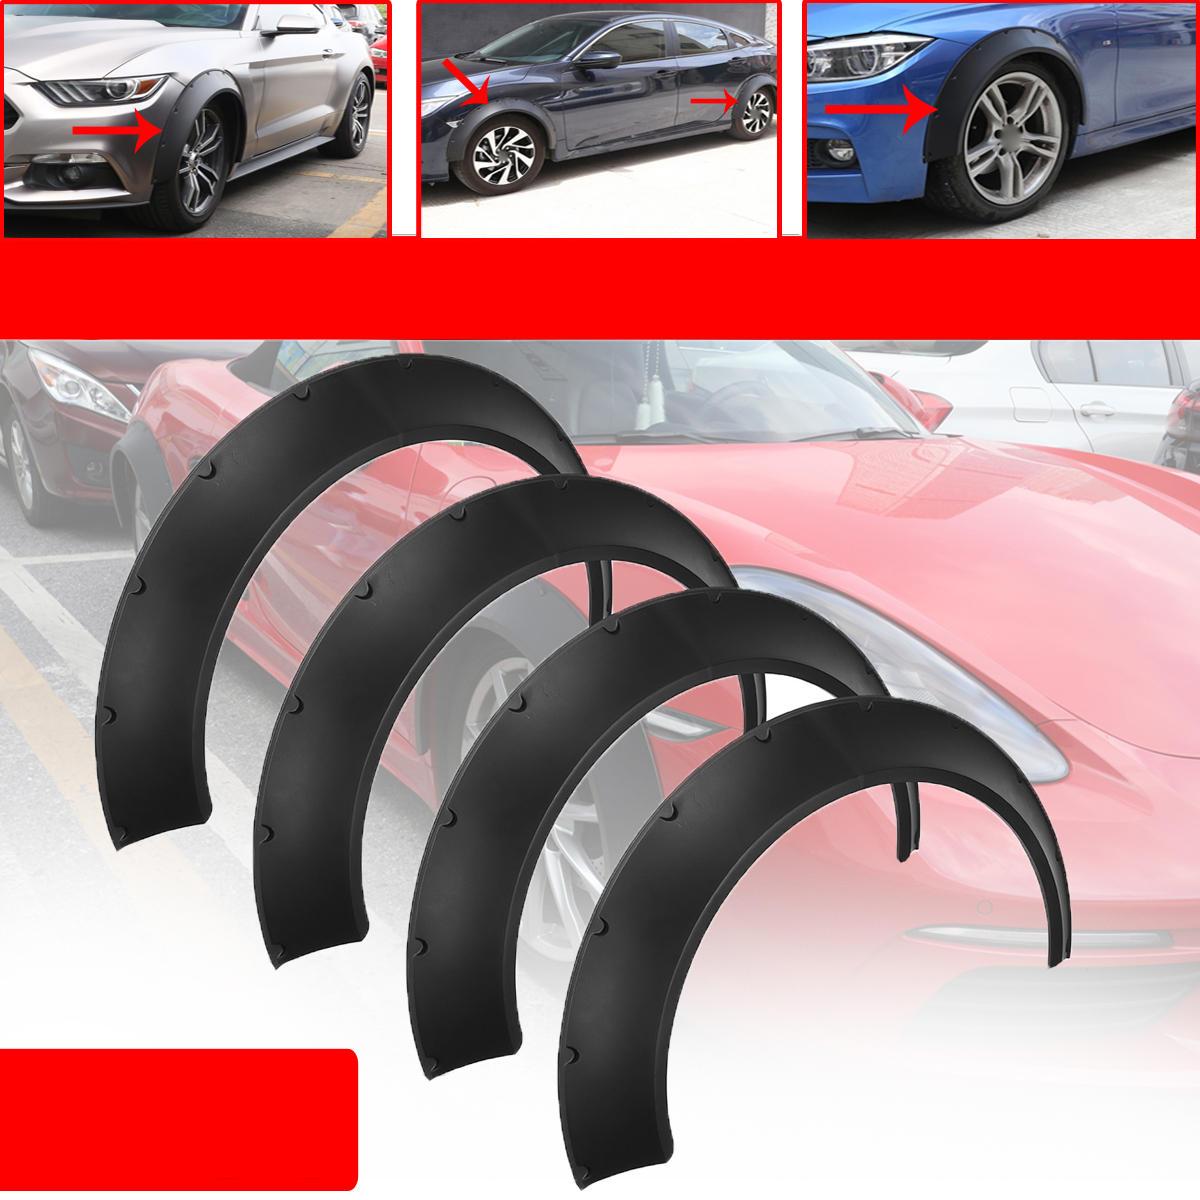 Universal Coche Guardabarros para ruedas Destellos de 4 piezas Kits de cuerpo de poliuretano flexibles pero duraderos Ar